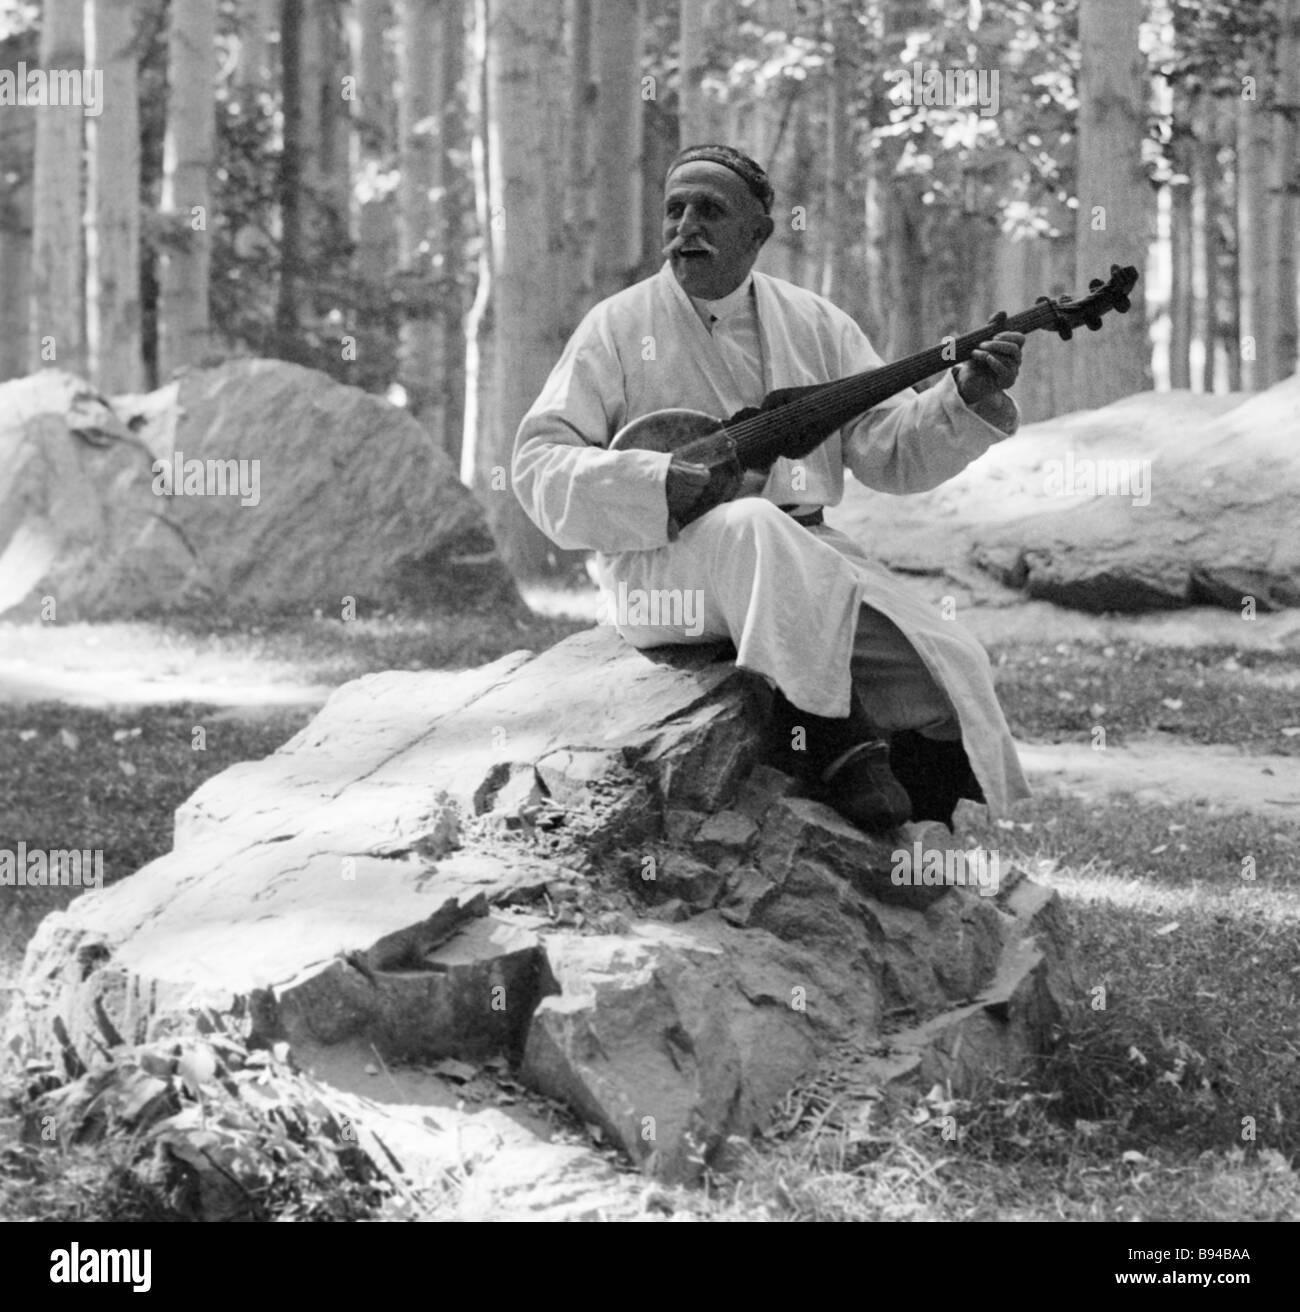 Tajik bard Navruzsho Kurbonaseinov is playing the tambur folk string instrument - Stock Image